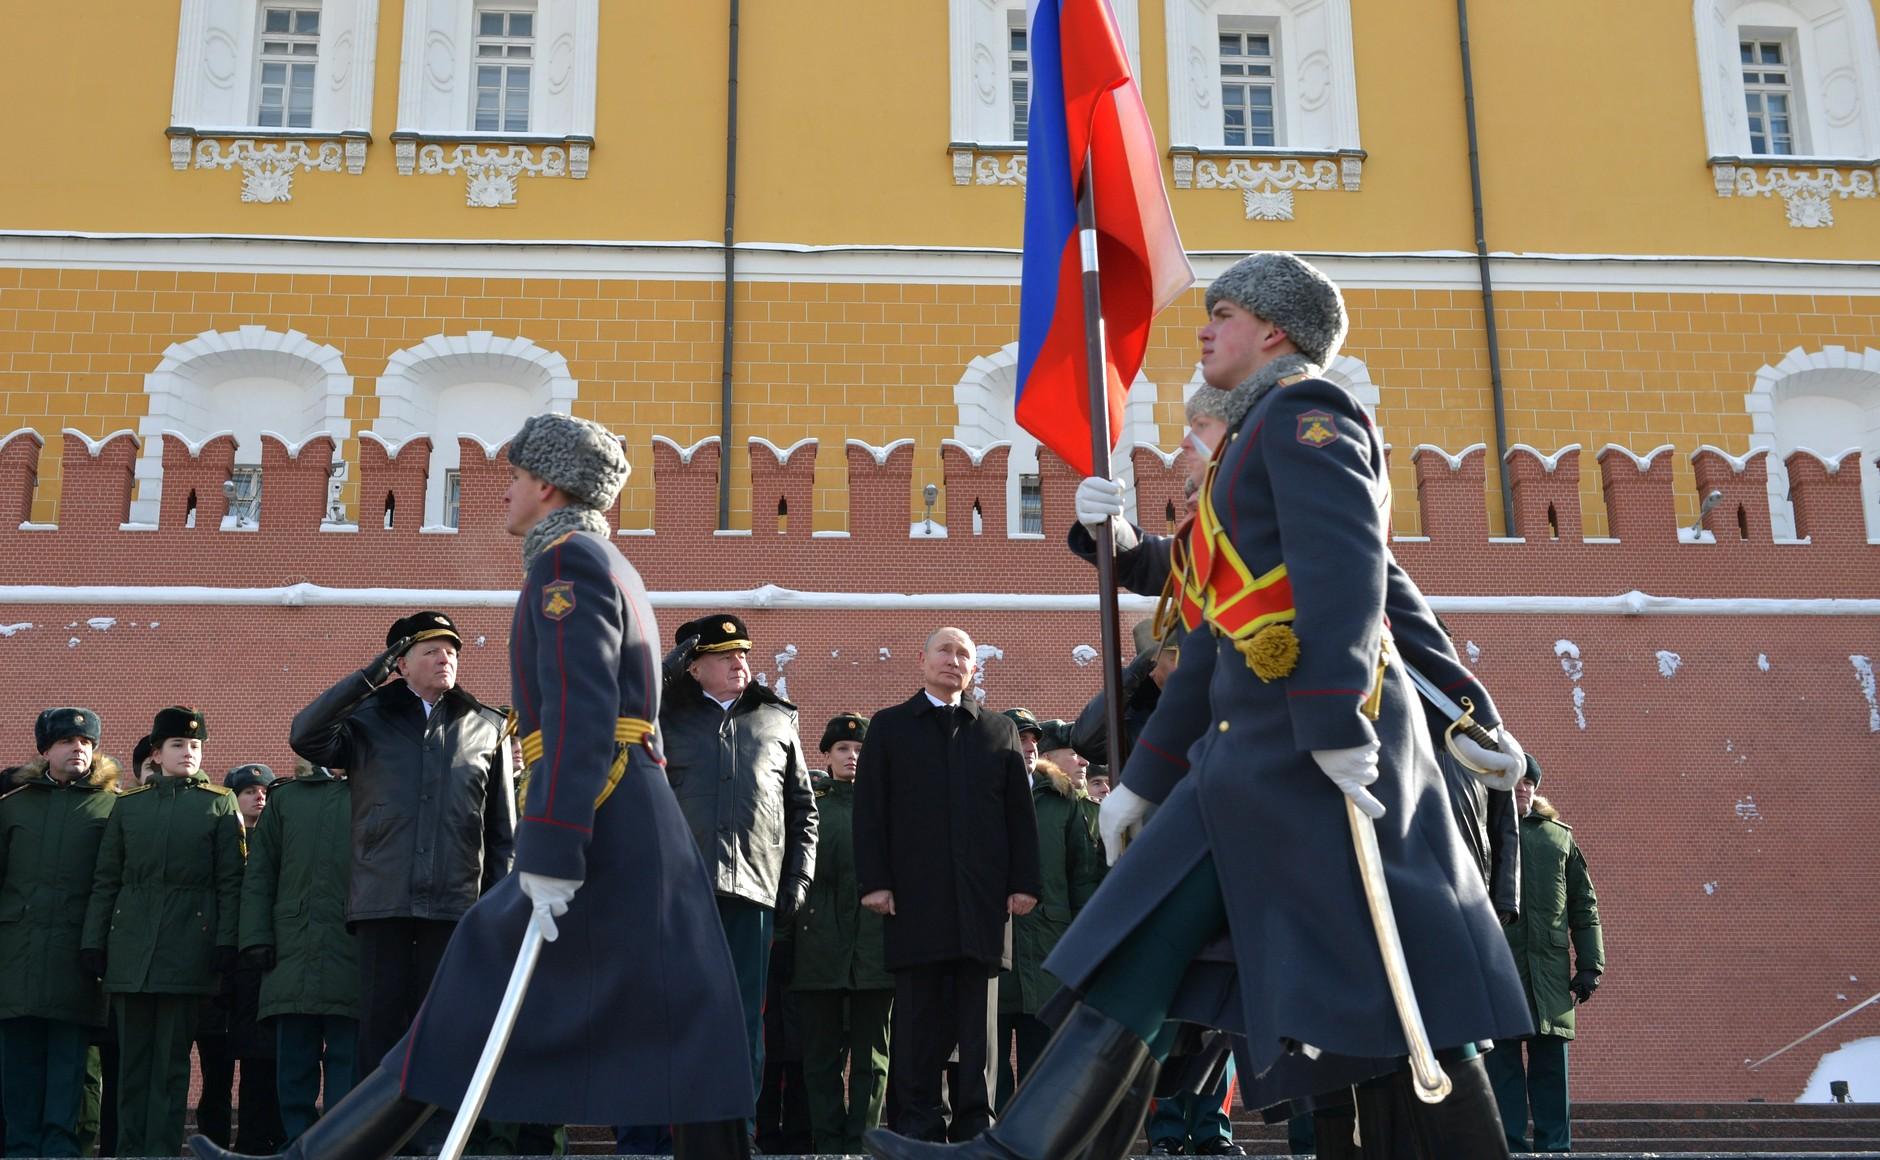 KREMLIN 4 WW 7 Le président a déposé une couronne sur la tombe du soldat inconnu à l'occasion de la Journée du défenseur de la patrie 23.02.2021